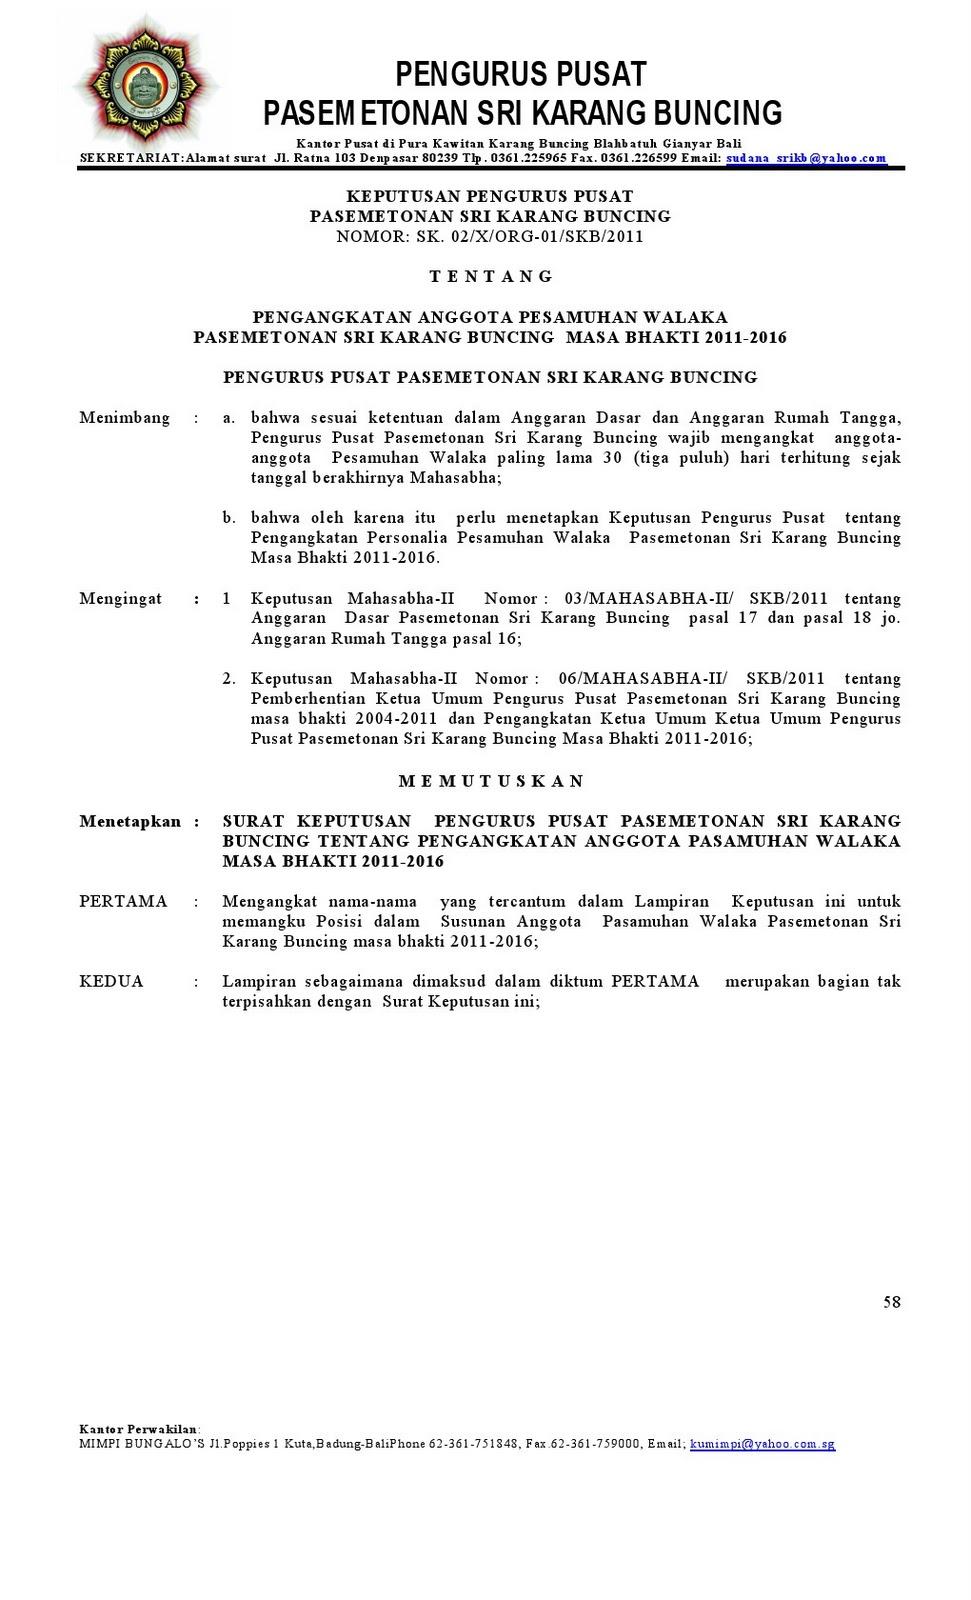 SRI KARANG BUNCING: 2011